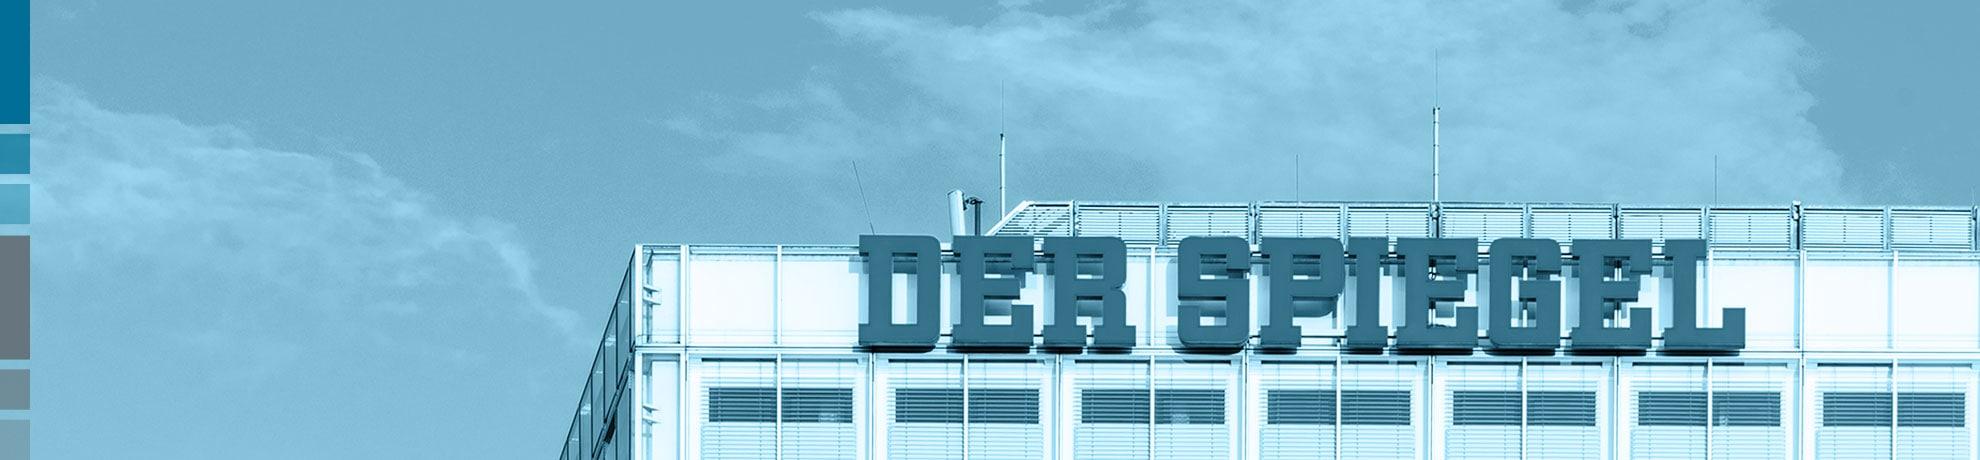 Der Spiegel banner on headquarter of the company in Hamburg.